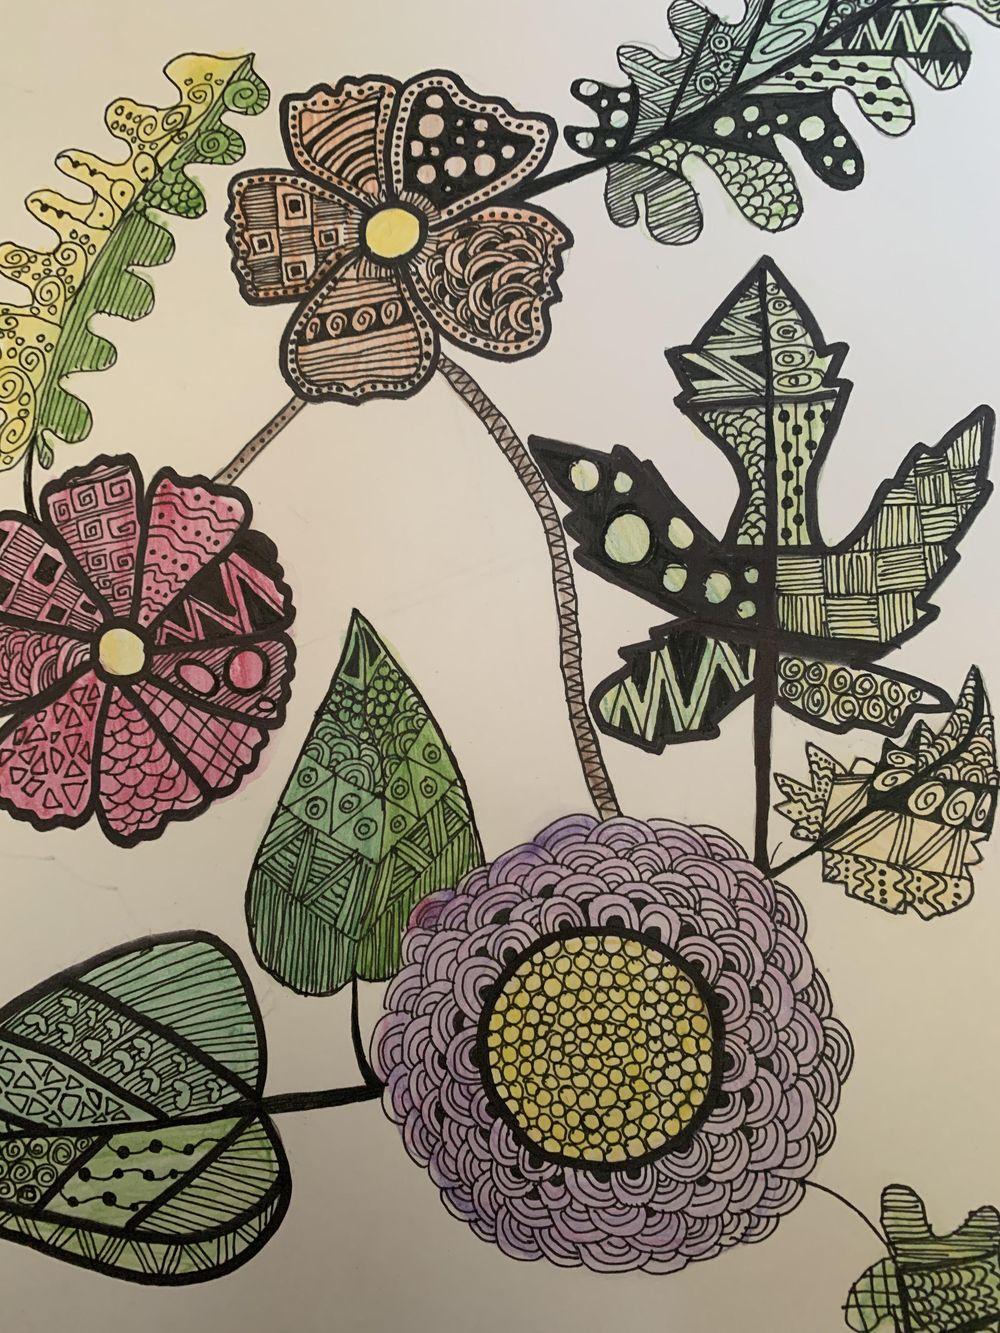 Zentangle Art - Hoomyrah Rambhia - image 1 - student project